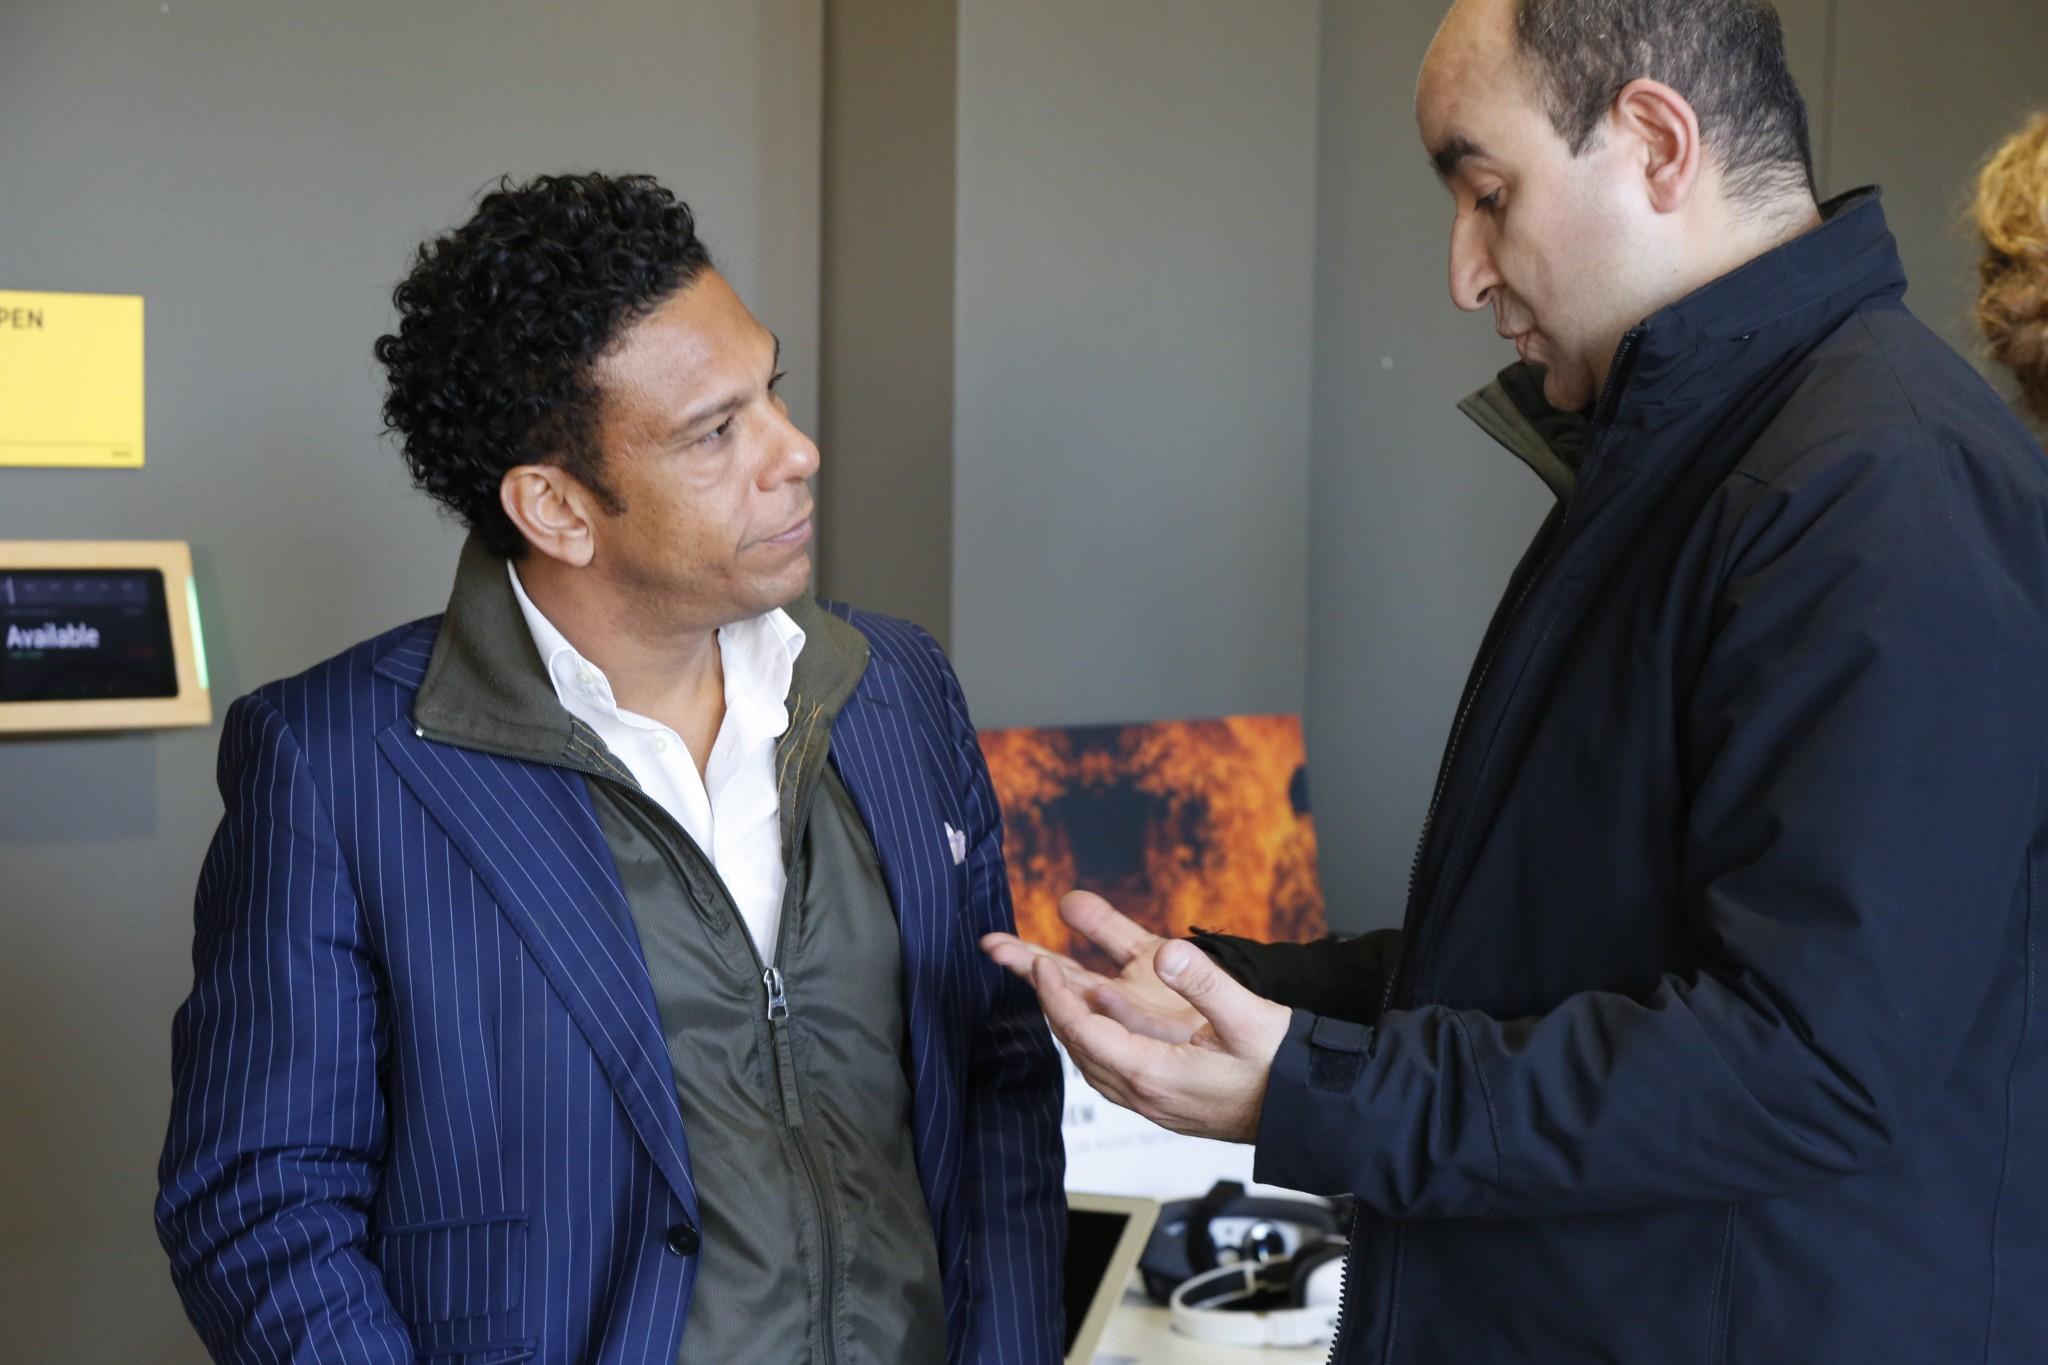 District Room's Patrick Juarez discusses the project.